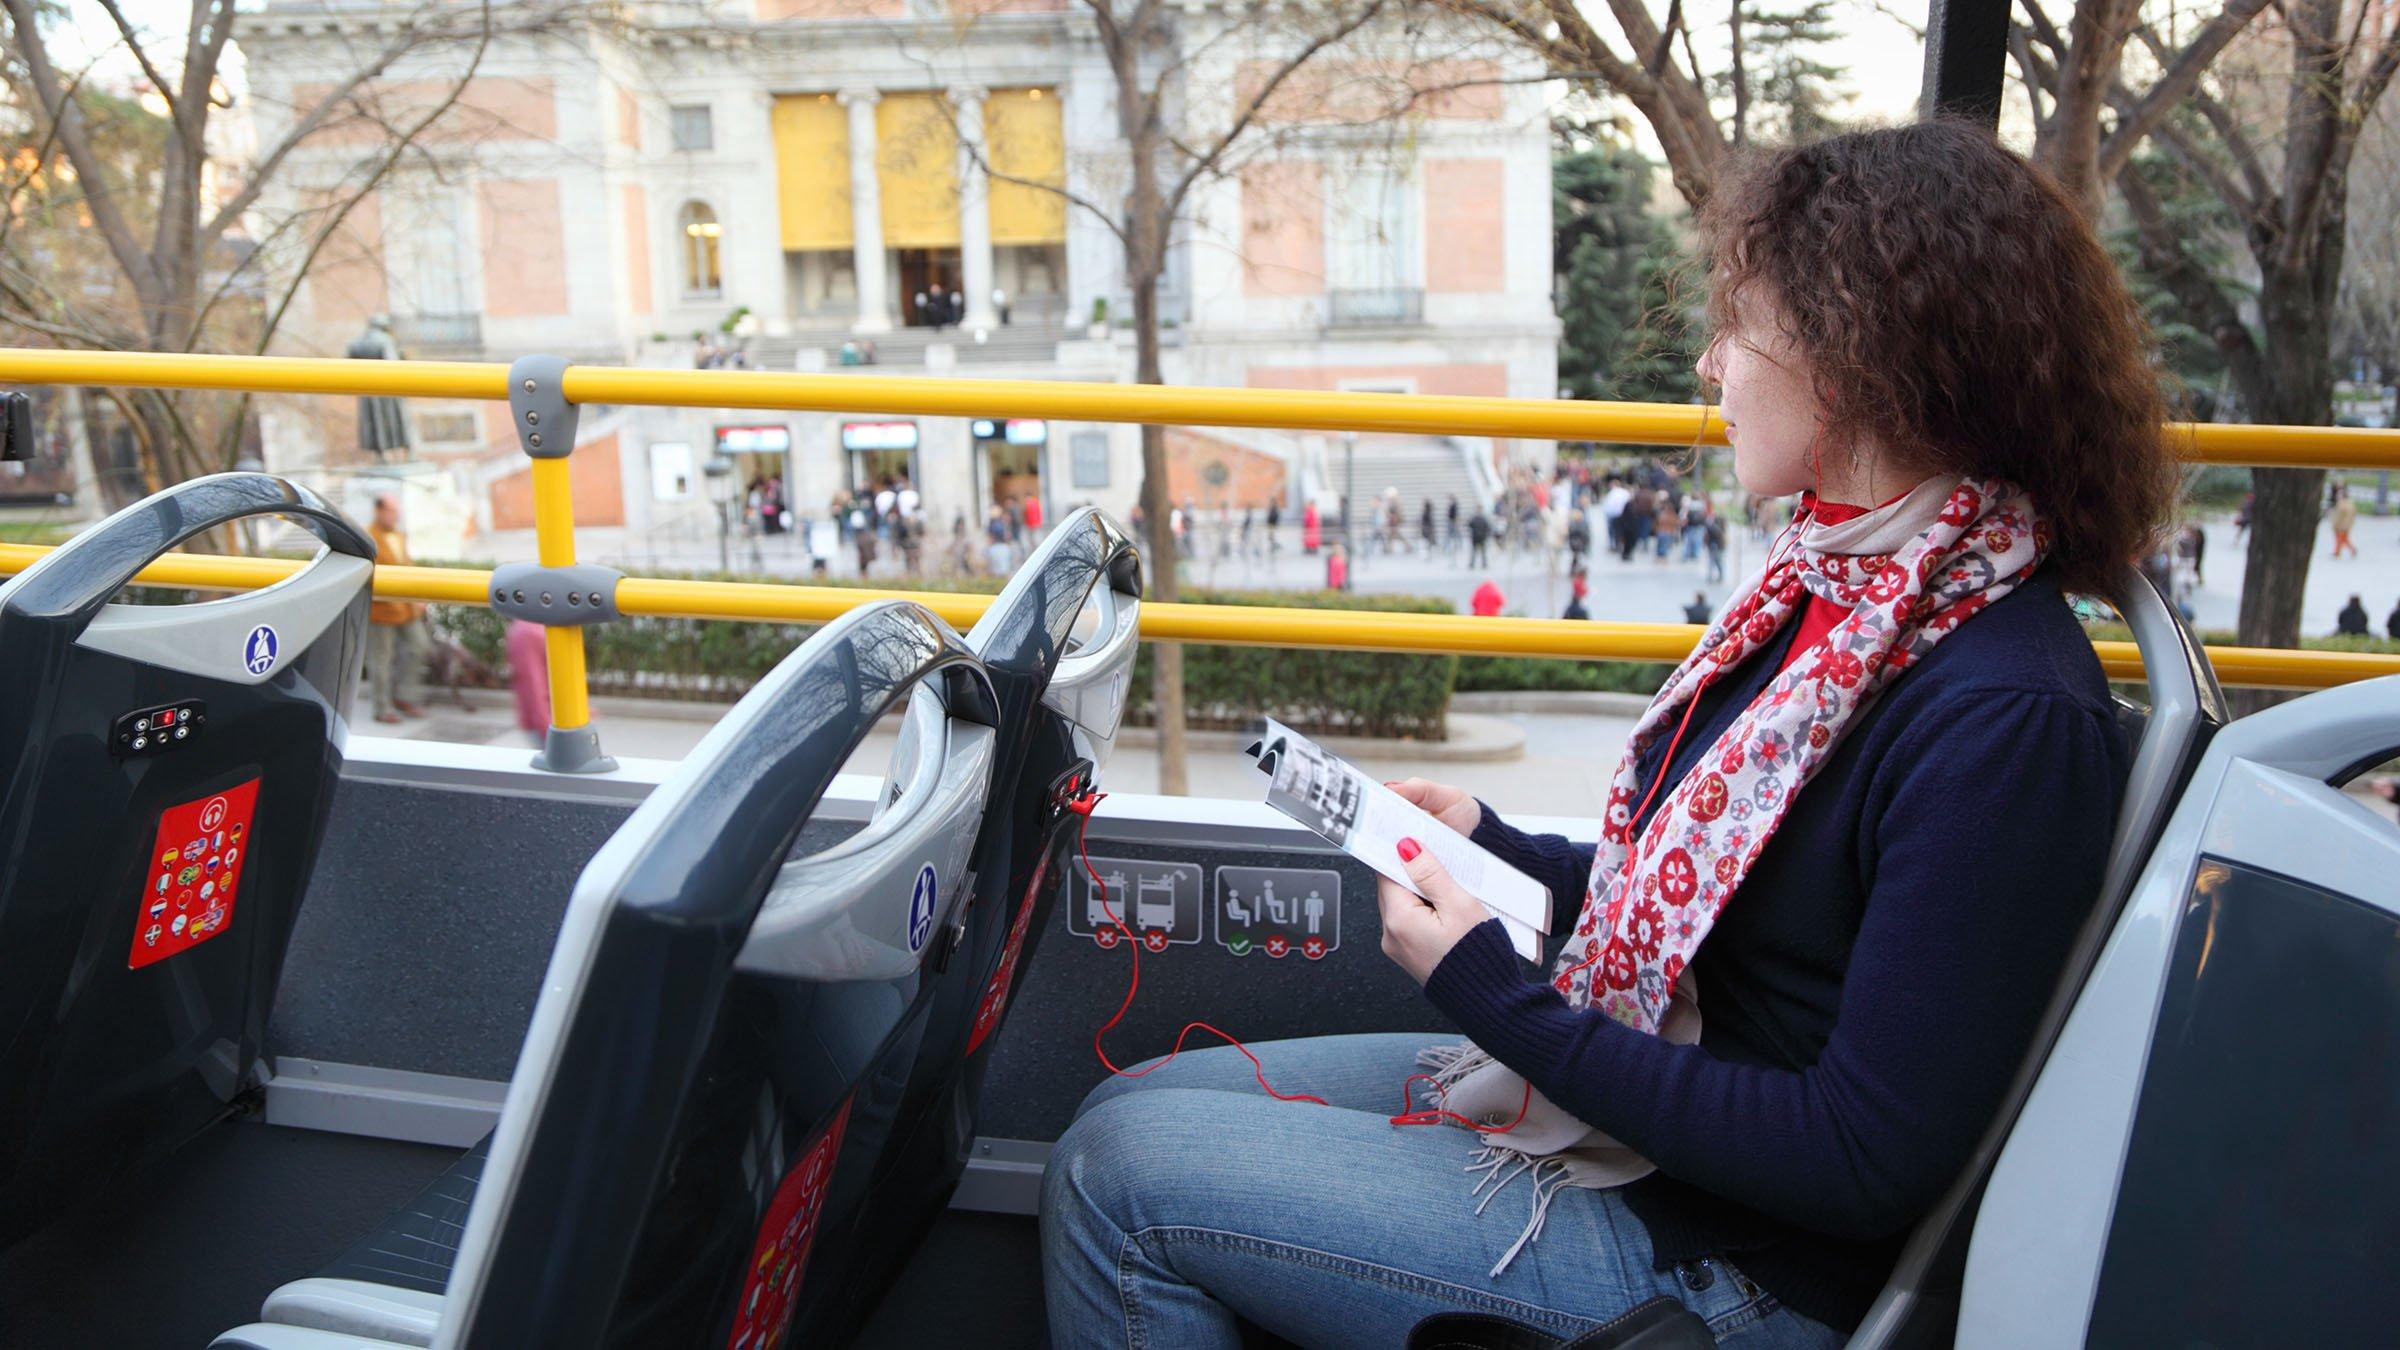 Lugares tur sticos de madrid for Sitios turisticos de madrid espana